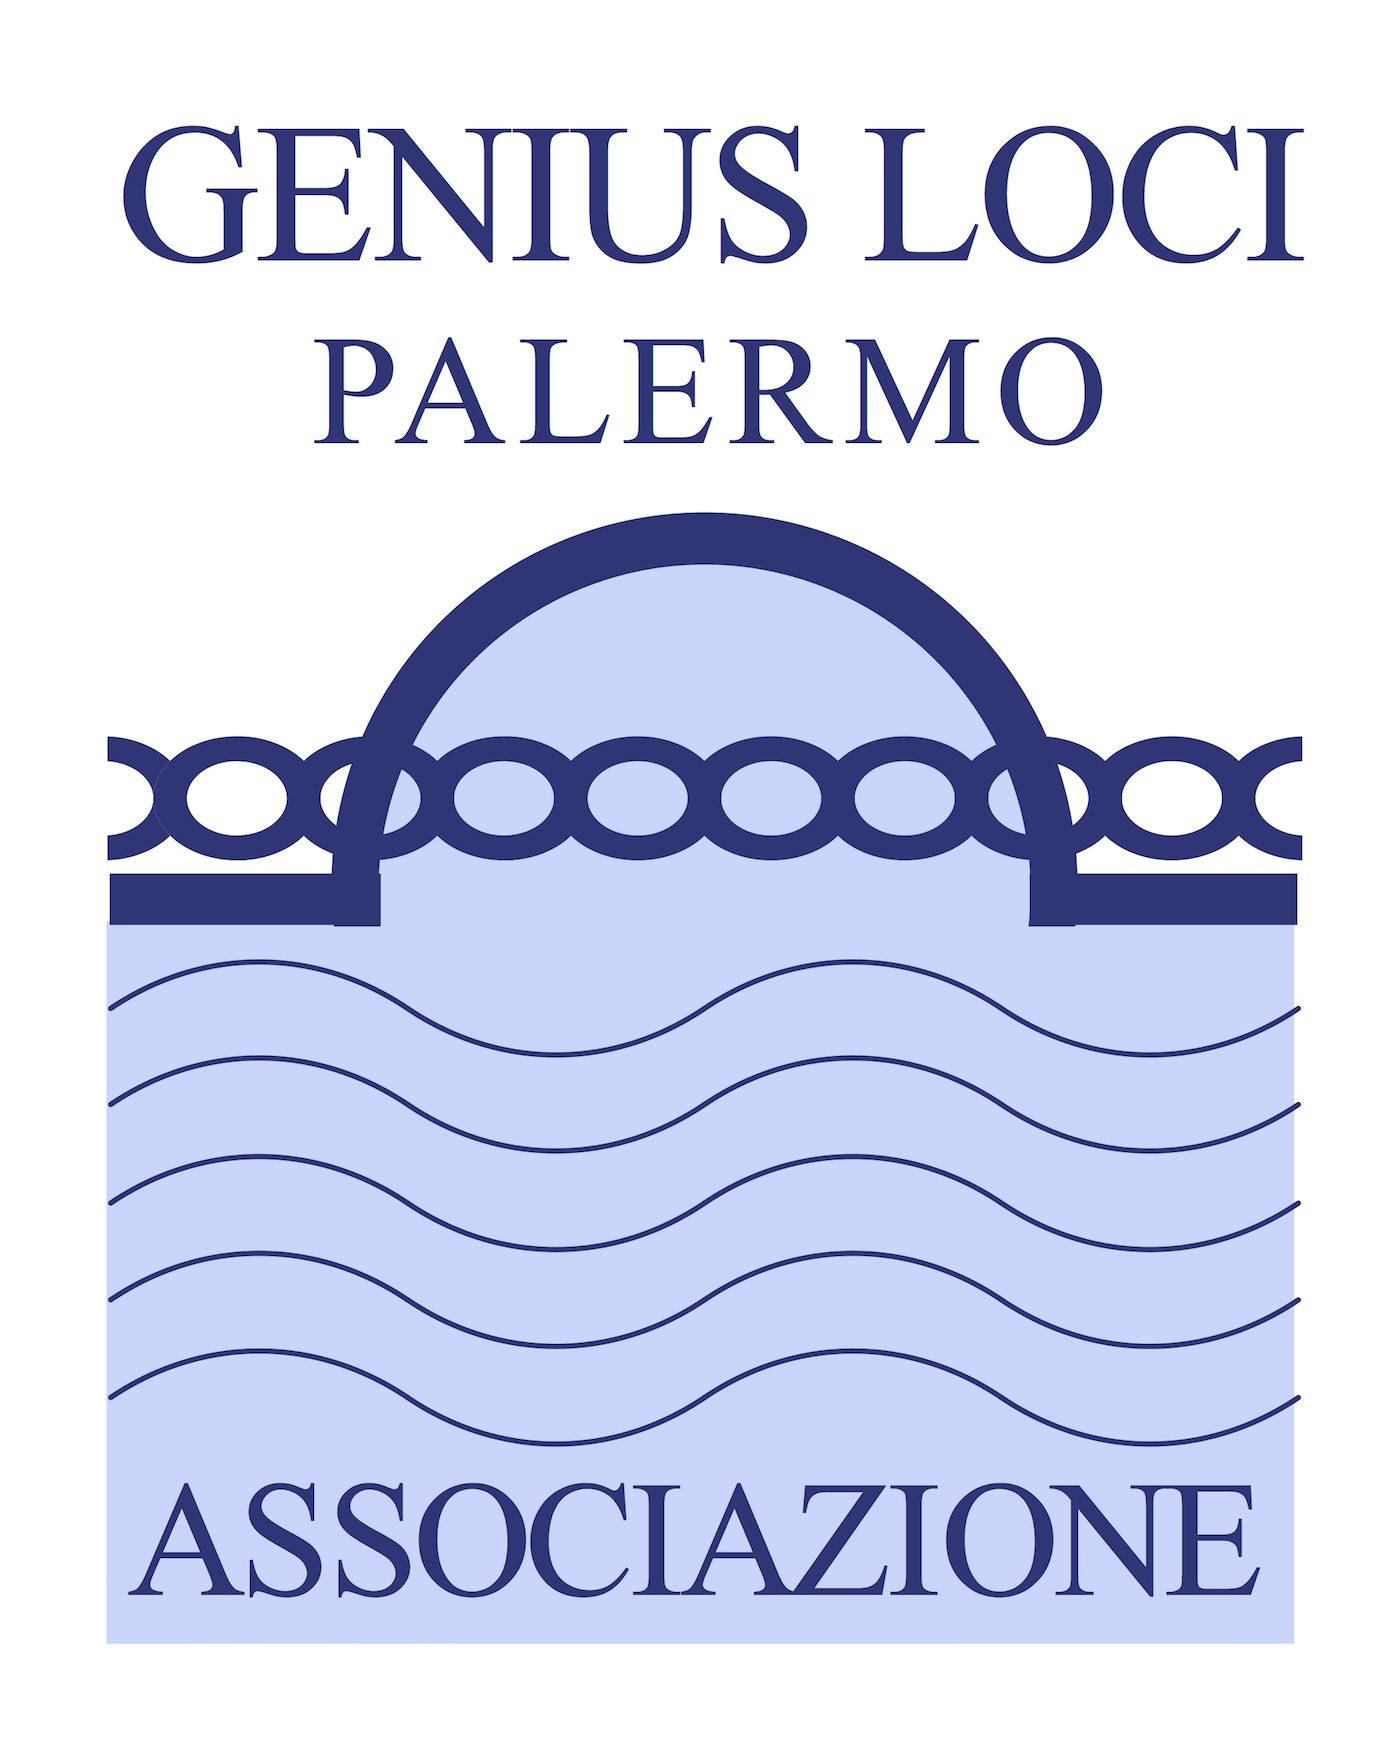 Genius Loci Palermo